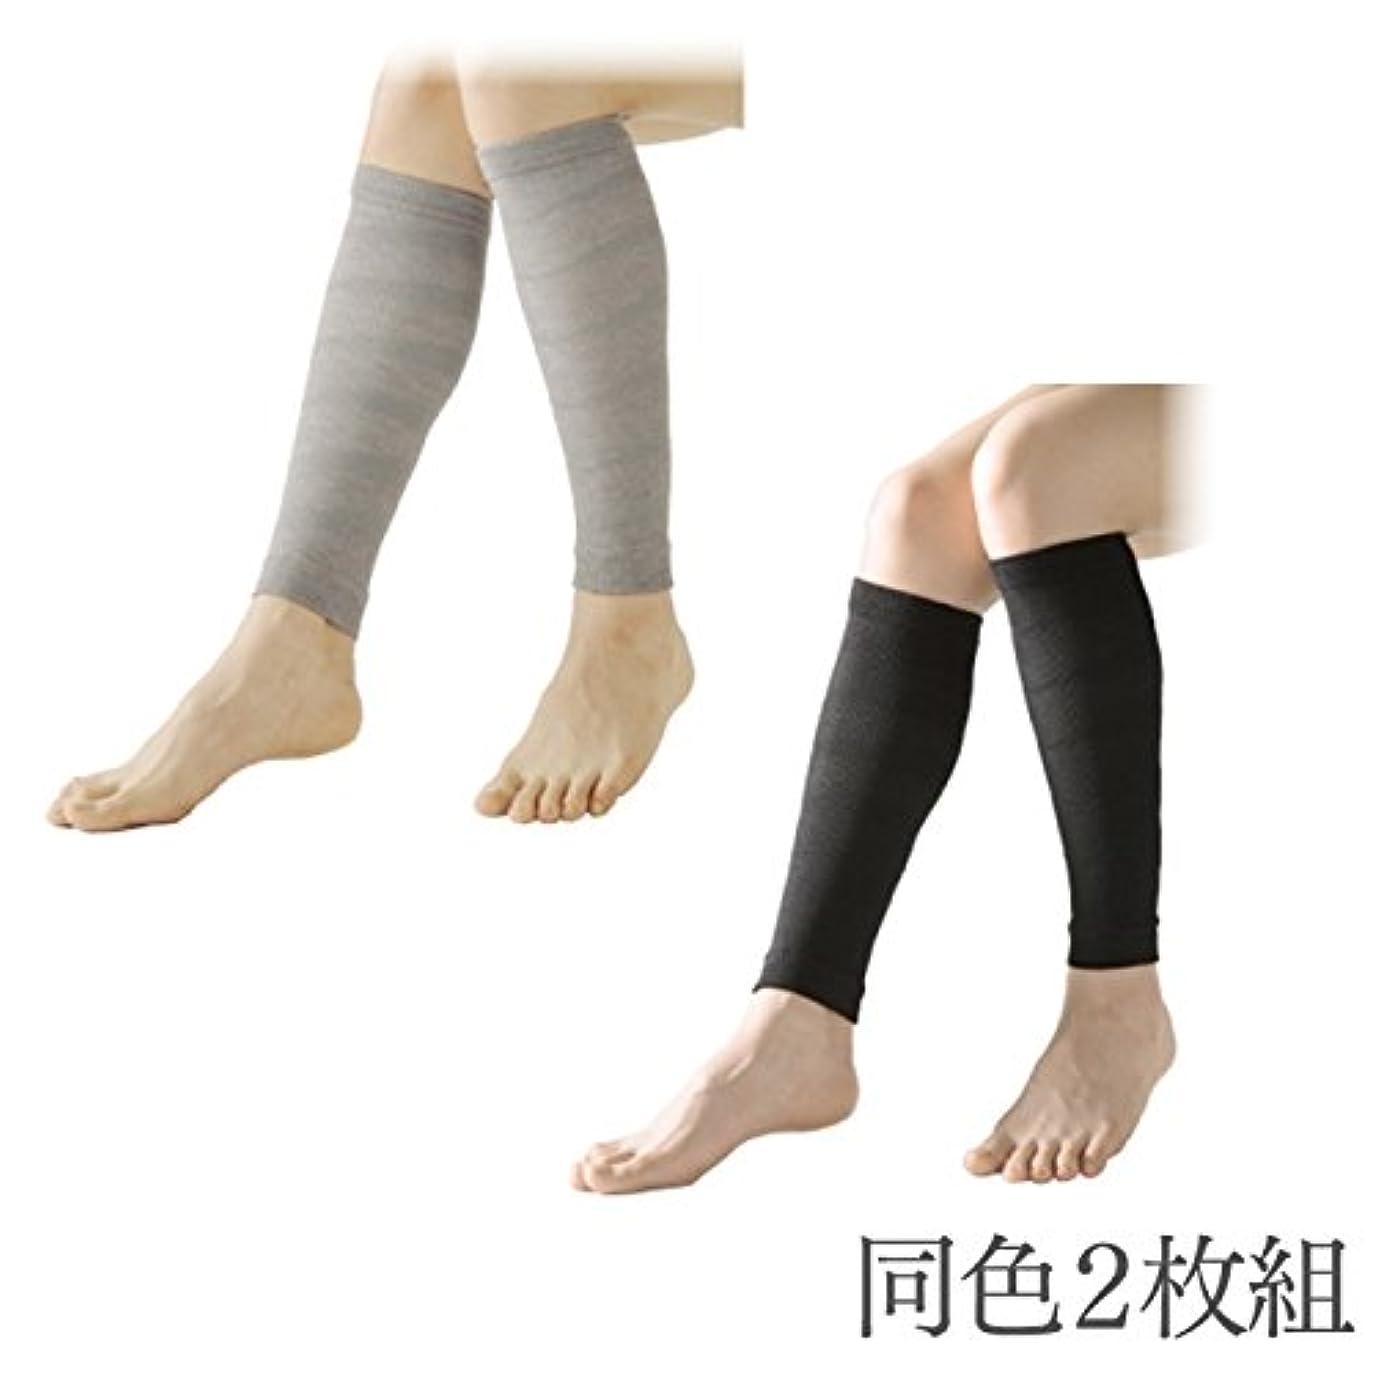 学部長気になるボイド着圧ソックス 足のむくみ 靴下 むくみ解消 着圧ふくらはぎサポーター 2枚組(ブラック)